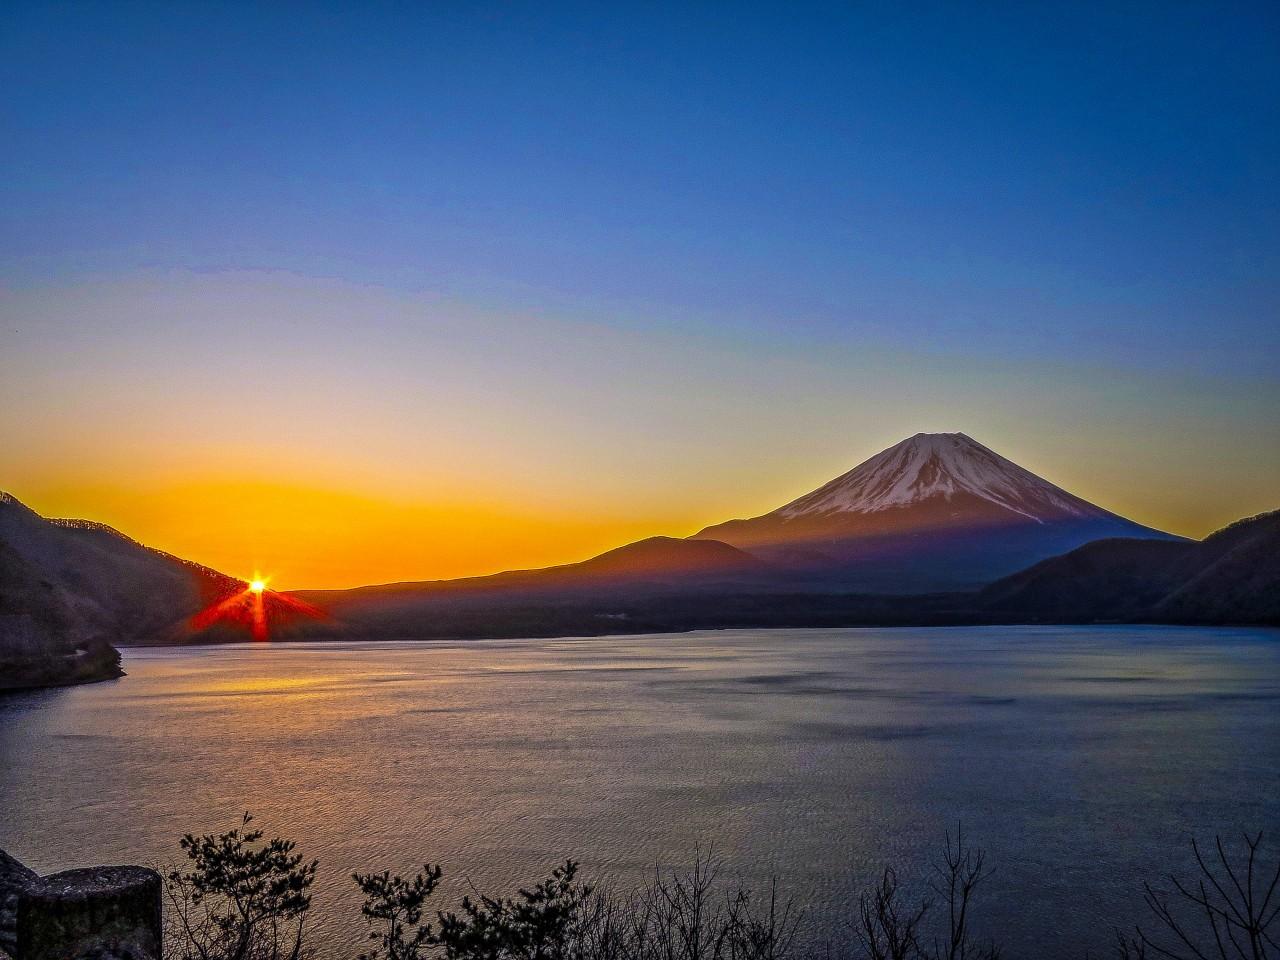 2020.3.6早朝の富士山(本栖湖)_e0321032_15352221.jpg